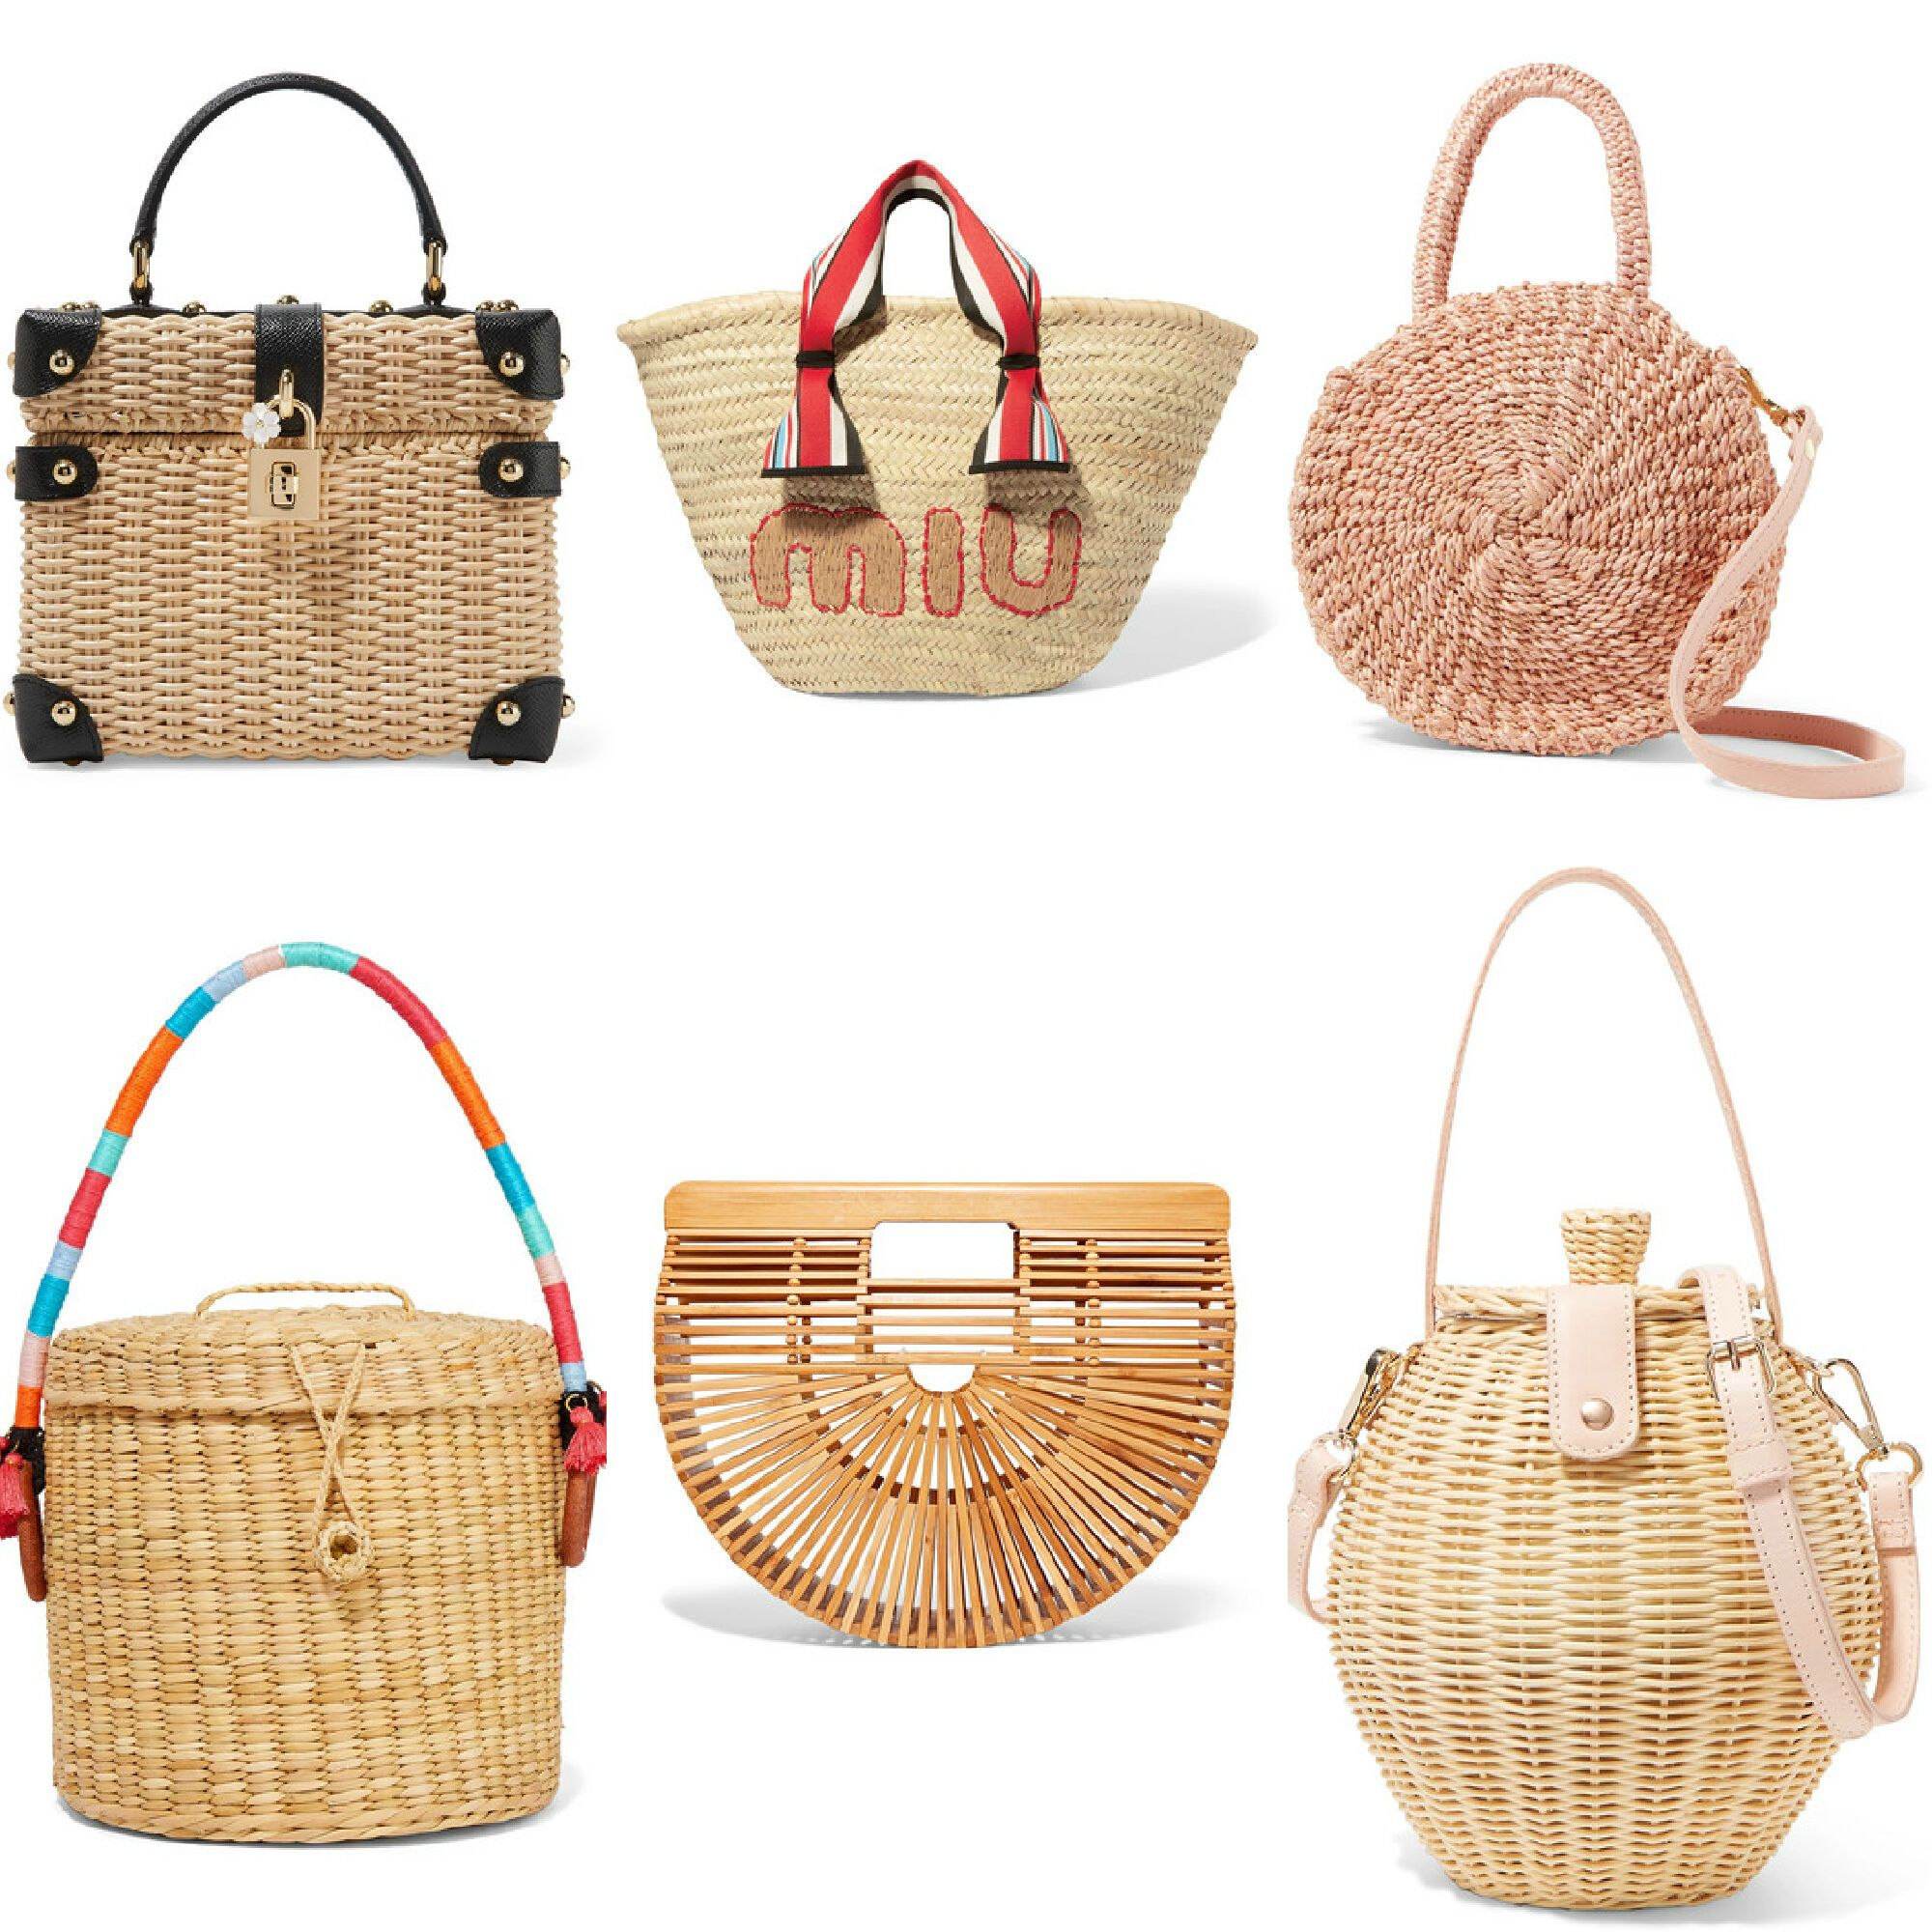 4e1c57caa158 Эта сумка - самый модный хит весны-лета | Обозреватель 16 мая